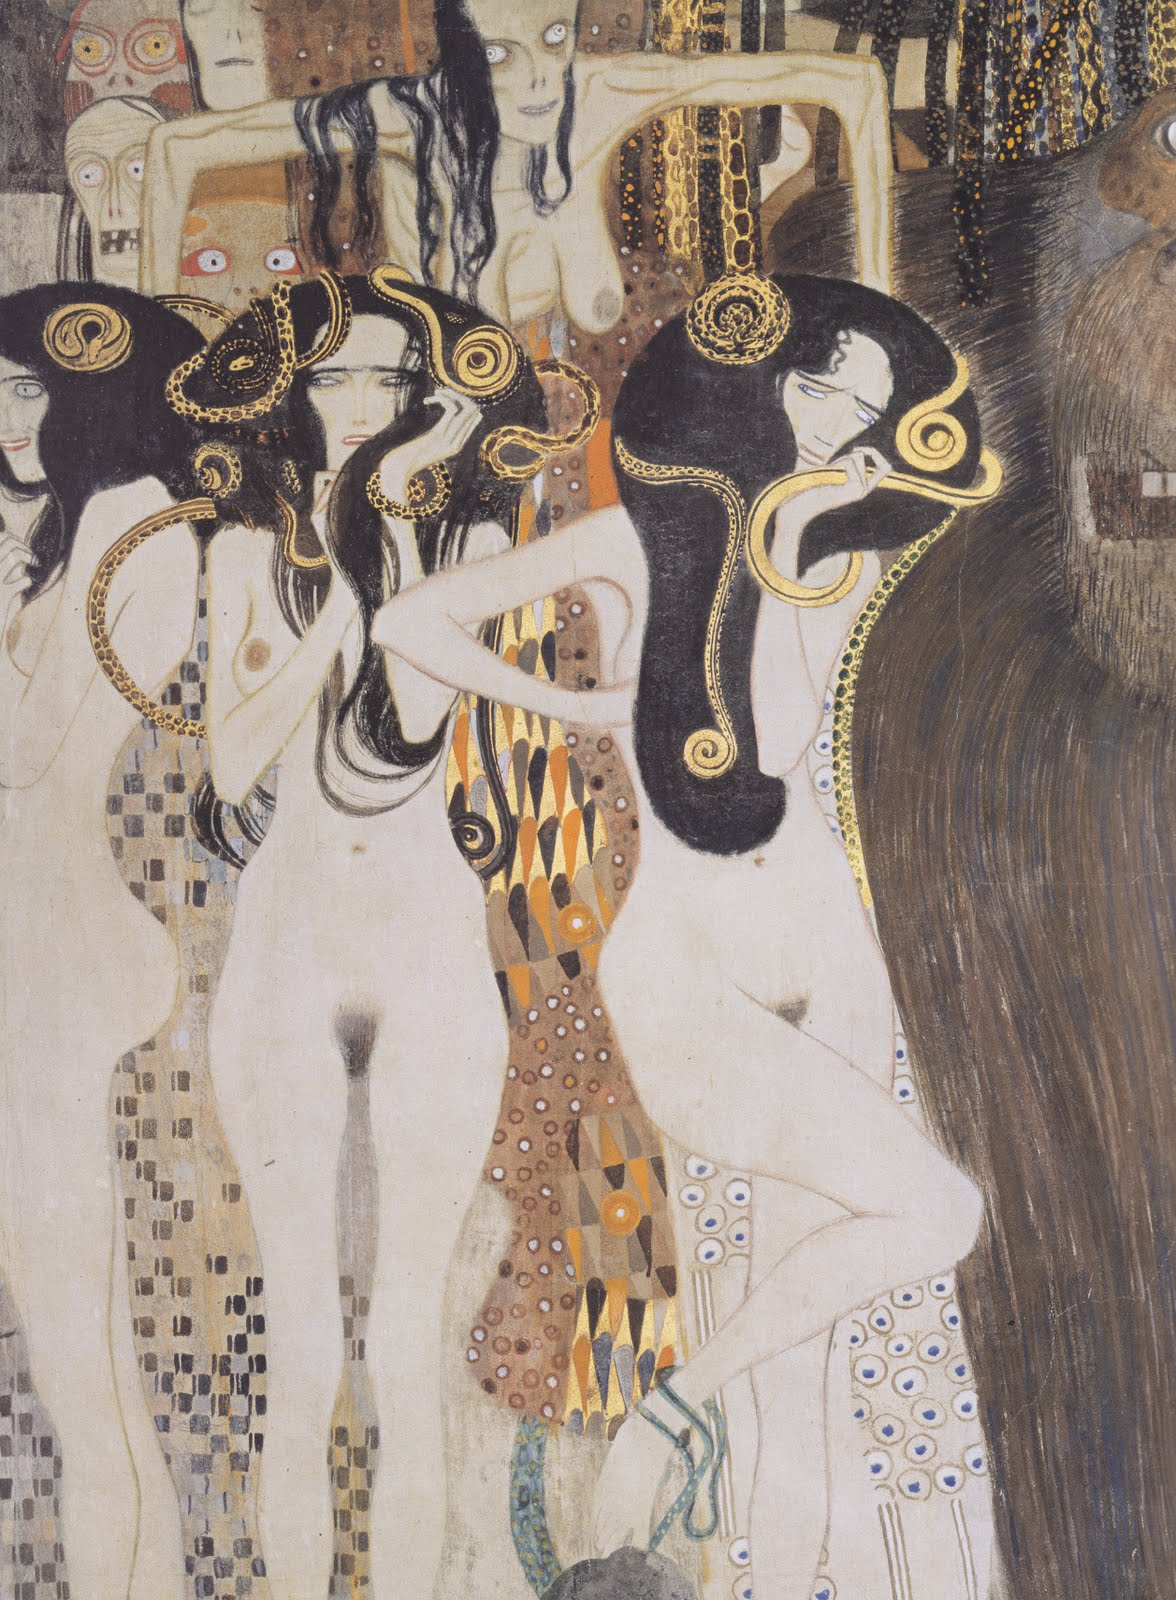 http://4.bp.blogspot.com/-3bQ0pGMB-oc/Te8GL6rOVEI/AAAAAAAAAcY/loeXyuTUjX4/s1600/Klimt_-_Die_Gorgonen_und_Typhoeus1902.jpeg